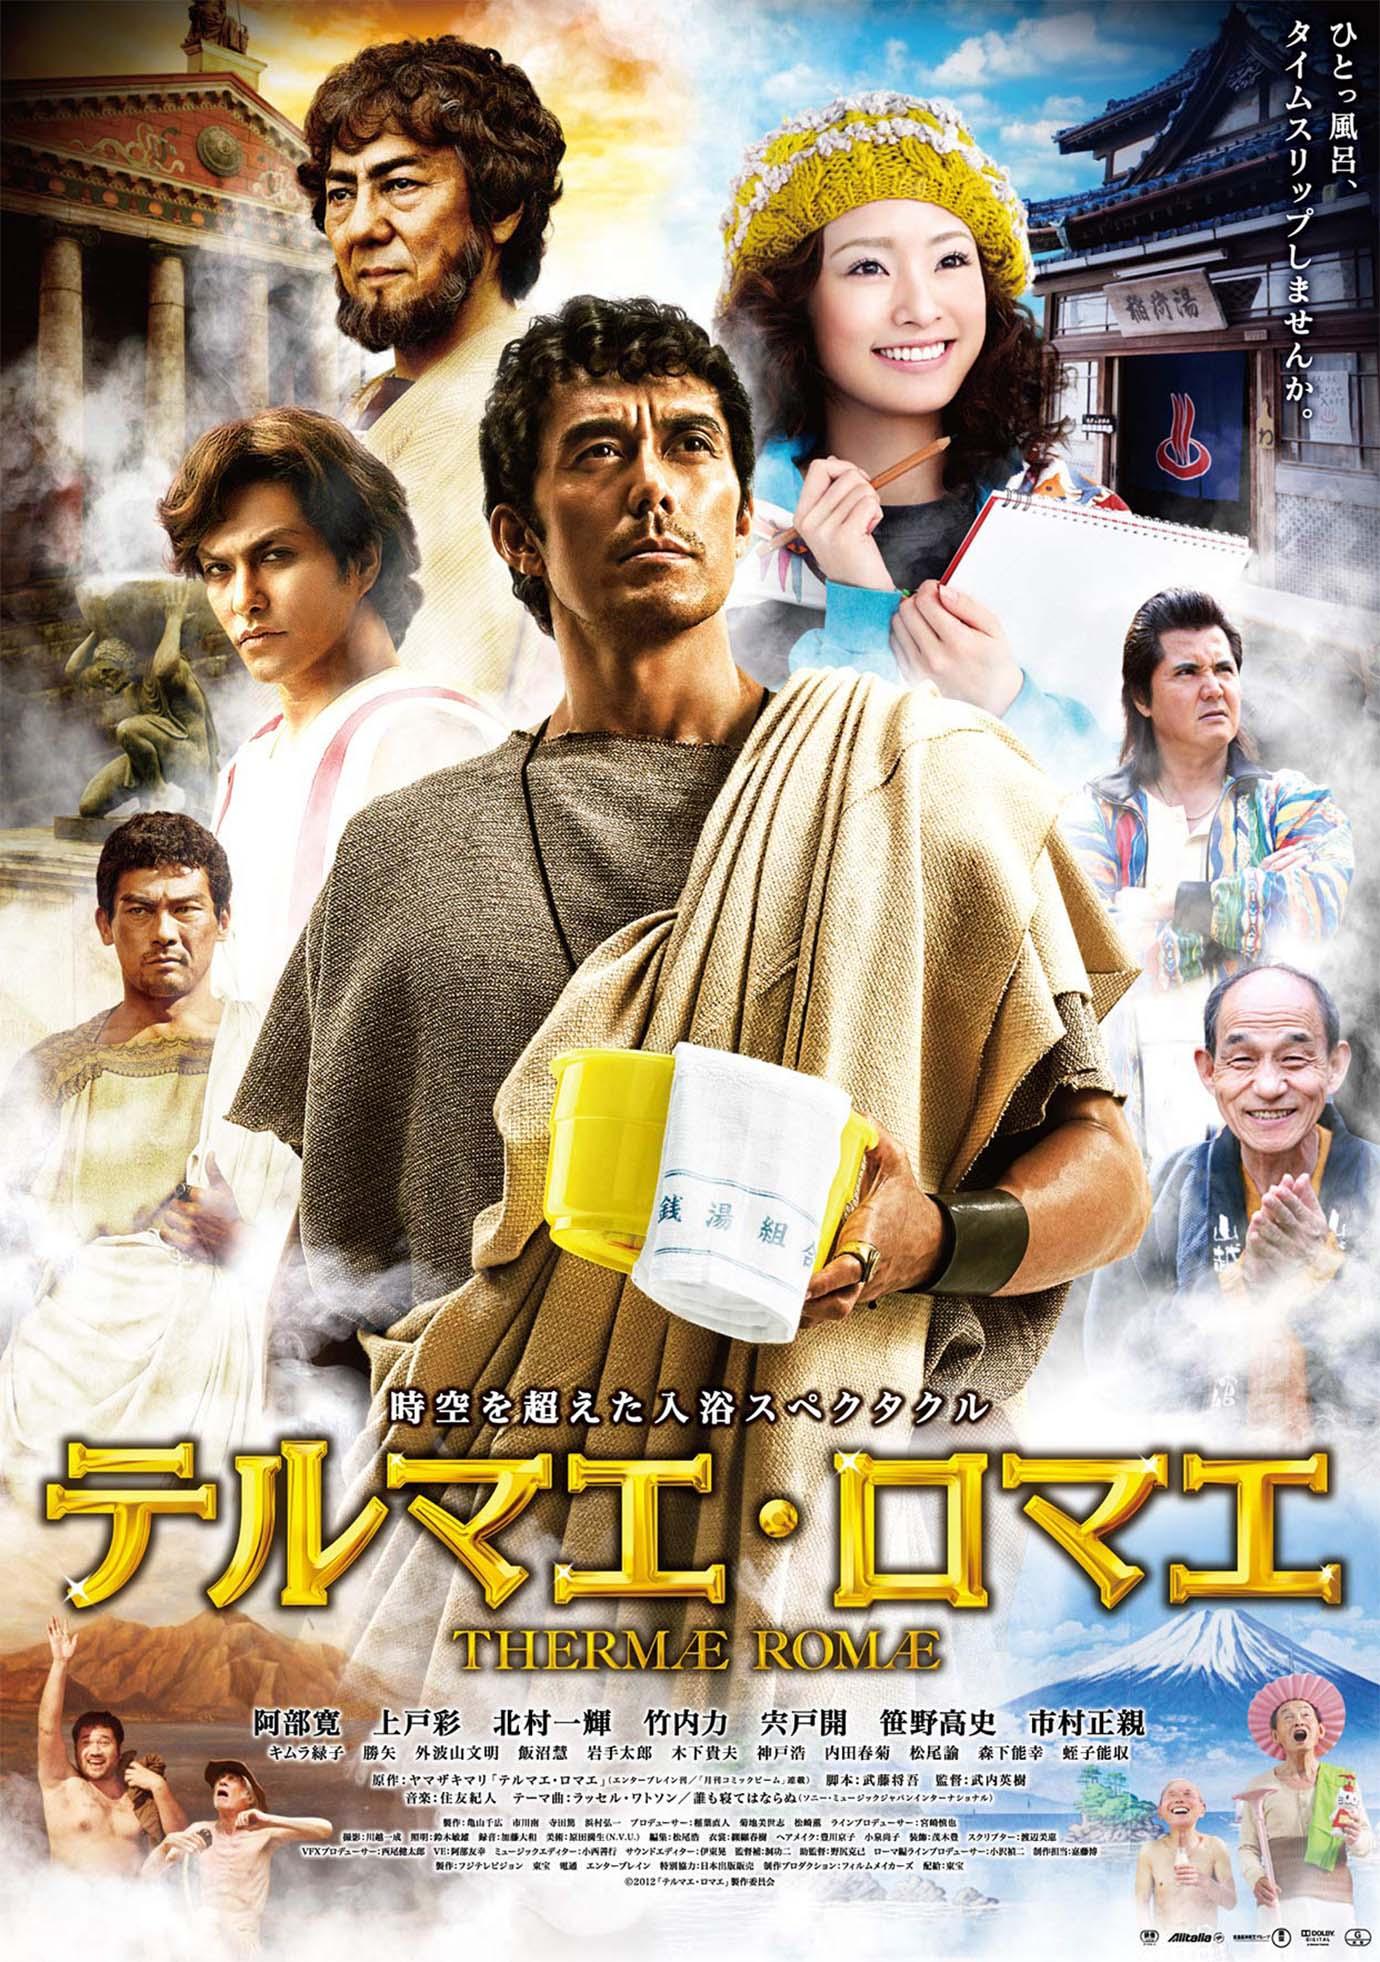 thermae-romae-abe-hiroshi-news1